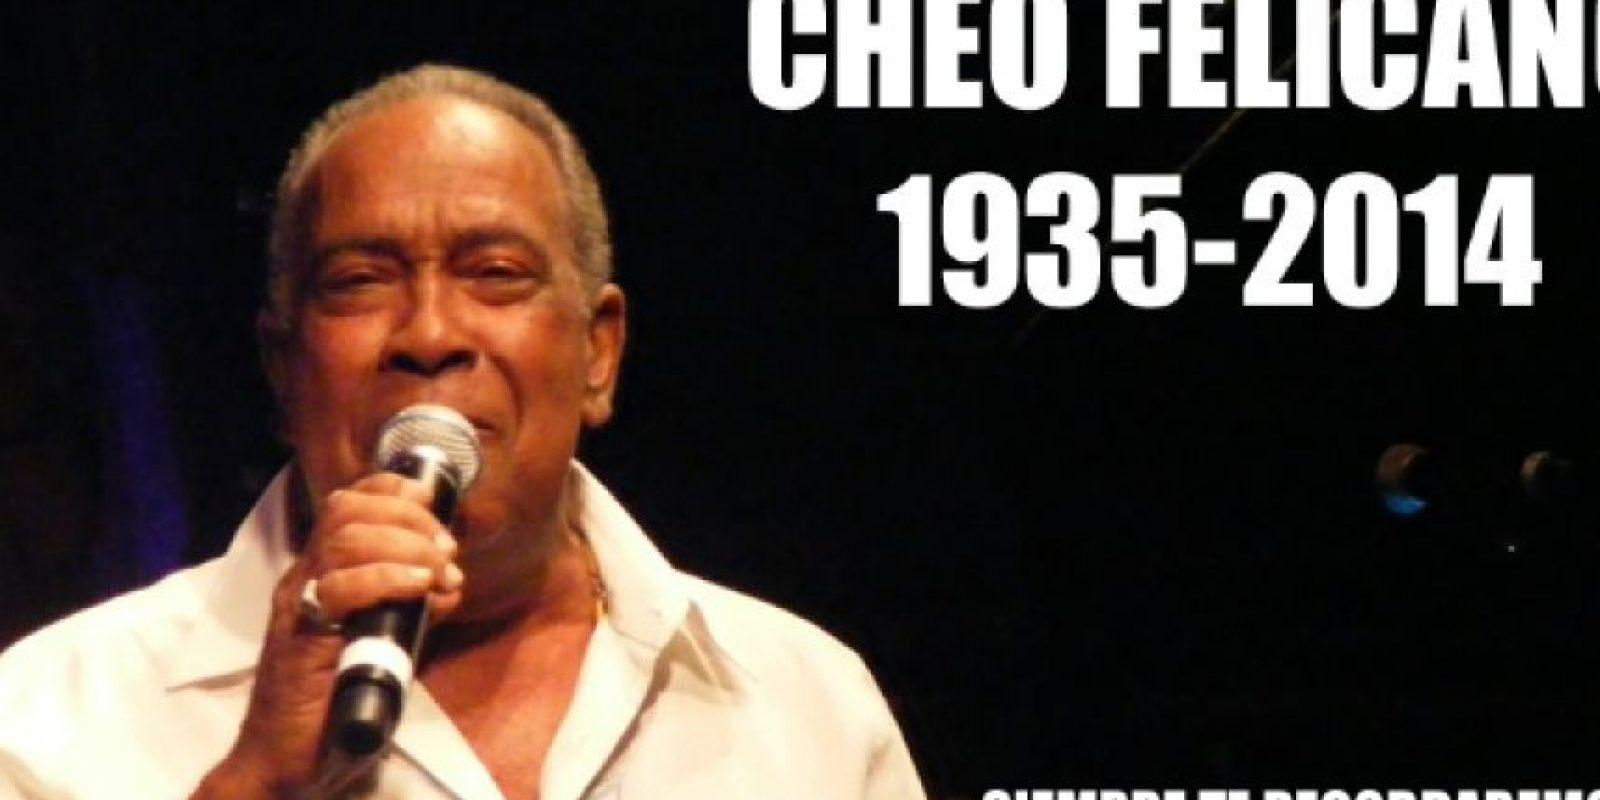 """JOSÉ """"CHEO"""" FELICIANO (78 años), legendario cantante puertorriqueño de salsa y bolero. Inmortalizó canciones como """"El ratón"""", """"Anacaona"""" y """"Amada mía"""", convertidas en grandes clásicos de la música bailable caribeña. Foto:Publinews"""